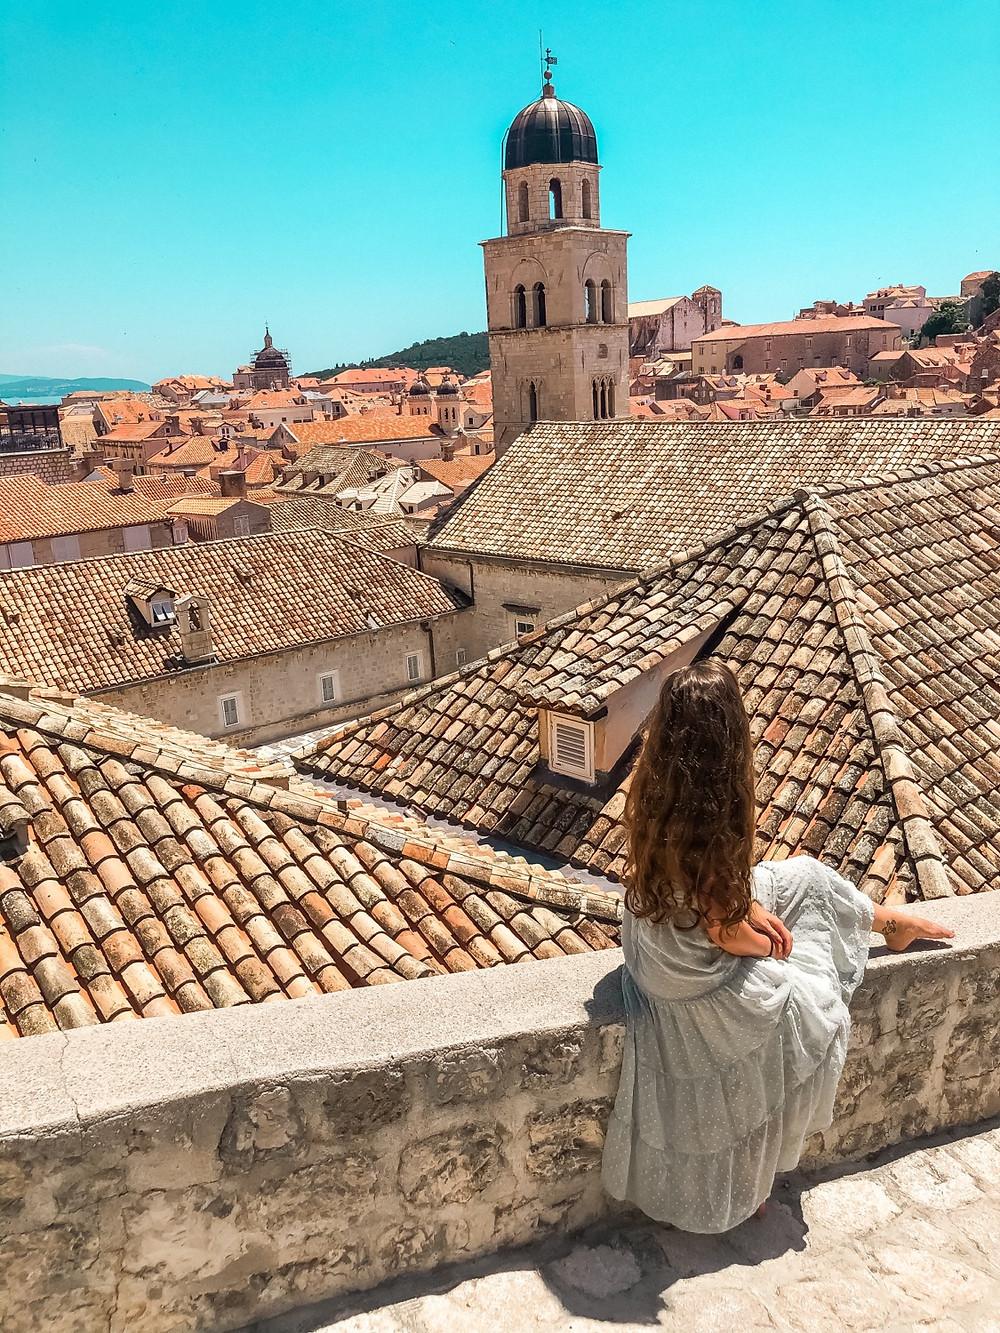 Dubrovnik-Sehenswürdigkiten-einen-Tag-Reisetipps-reisebericht